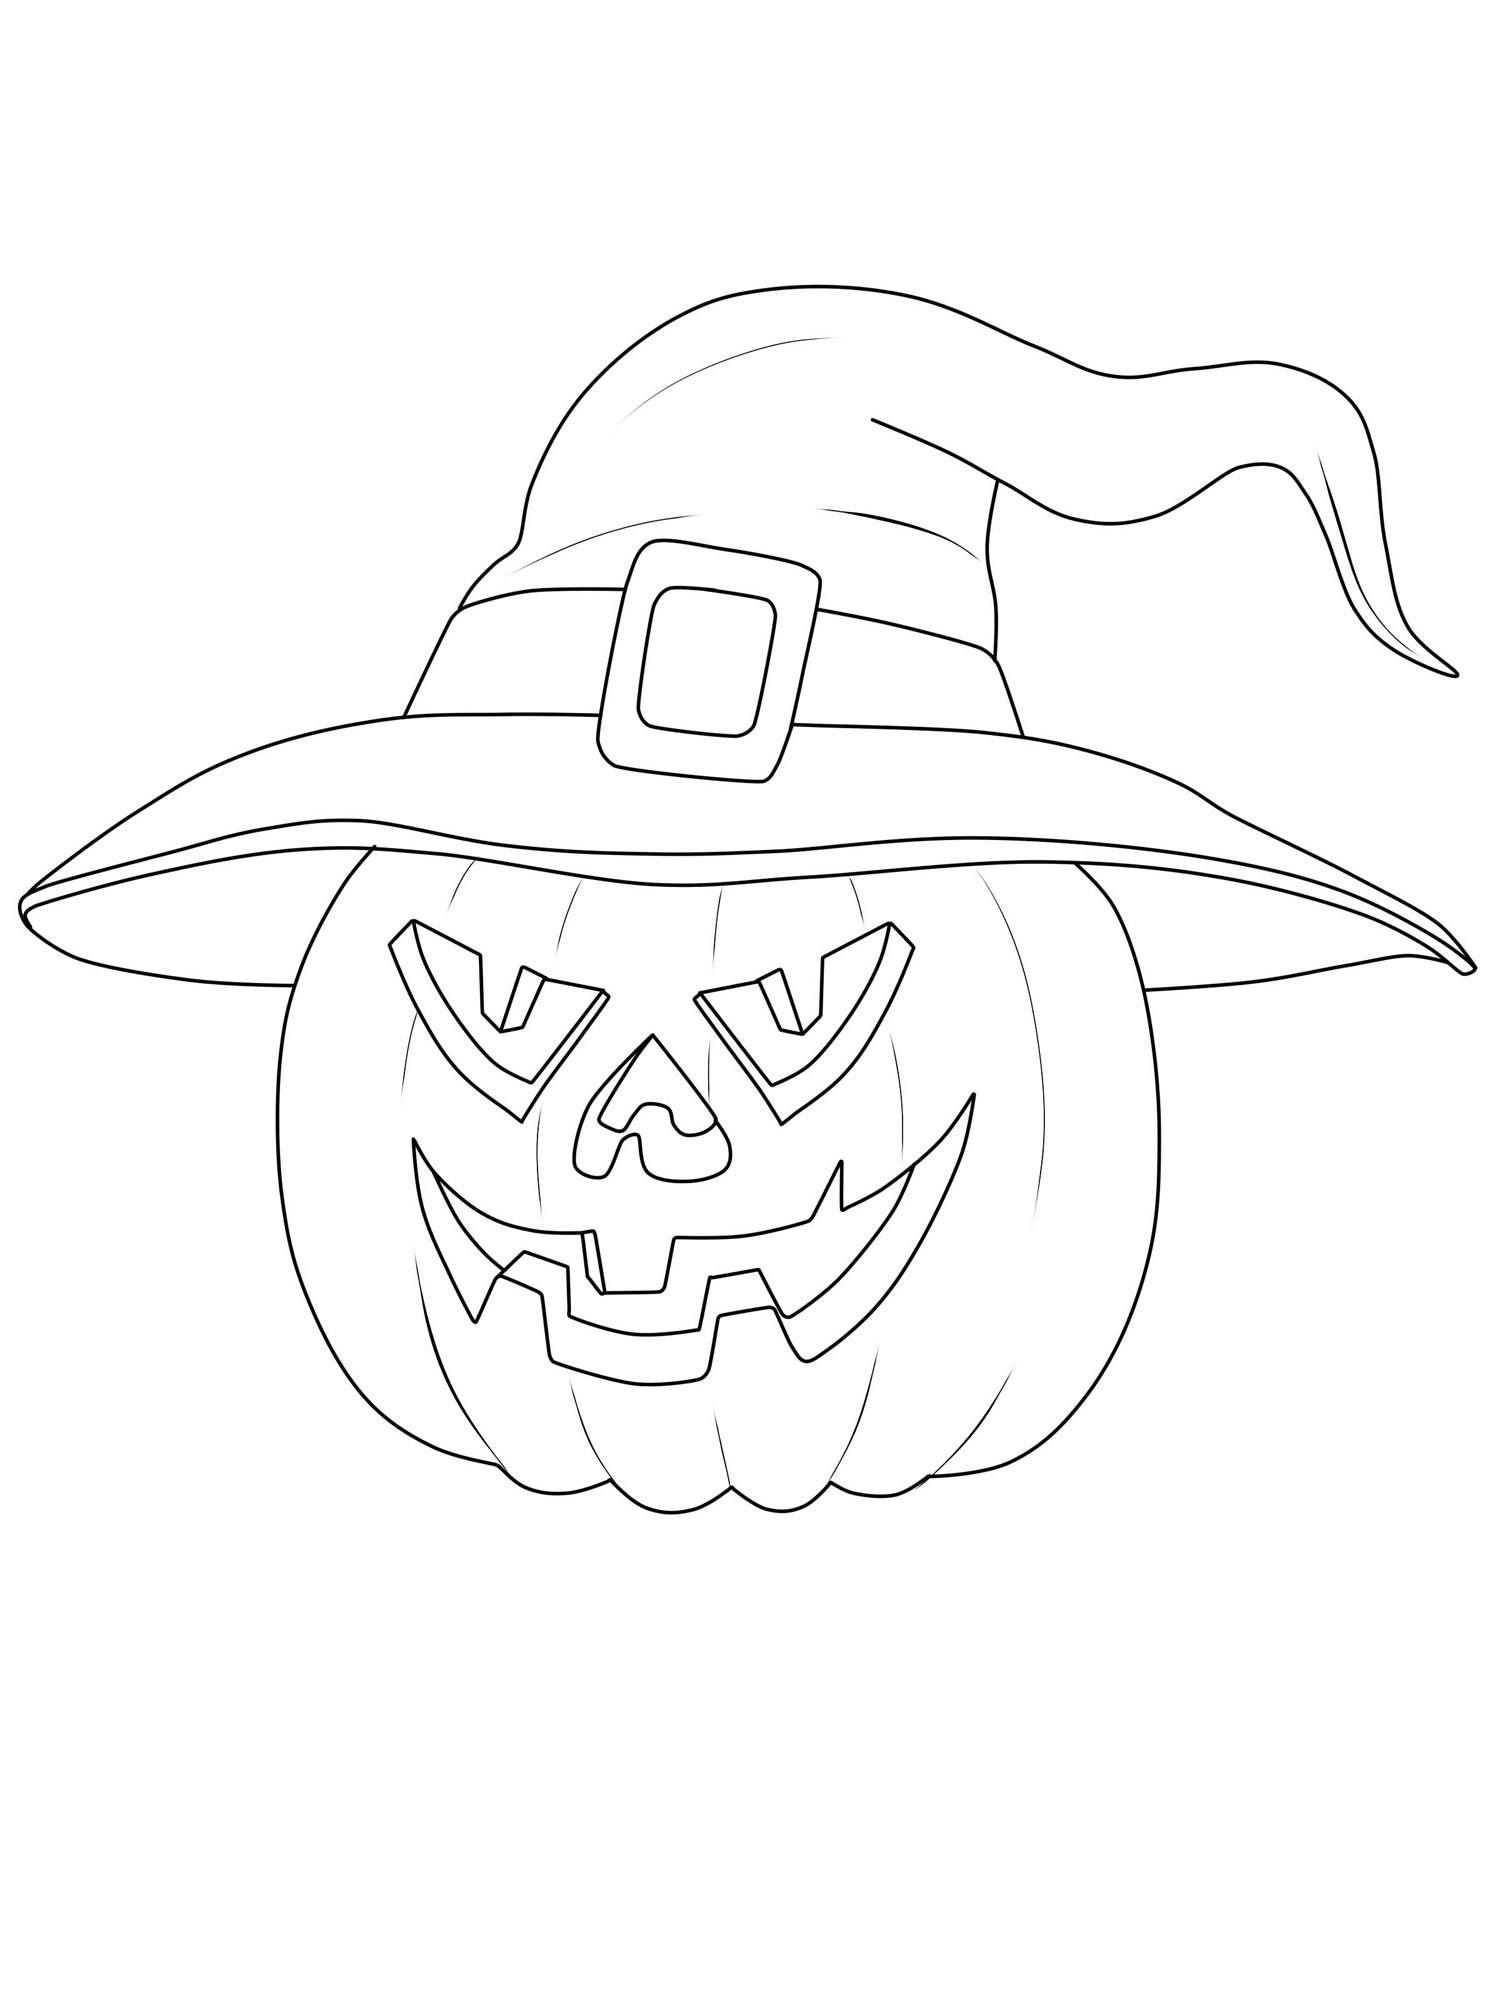 Ausmalbild Halloween: Kürbis-Hexe Ausmalen Kostenlos verwandt mit Halloween Malvorlagen Ausdrucken